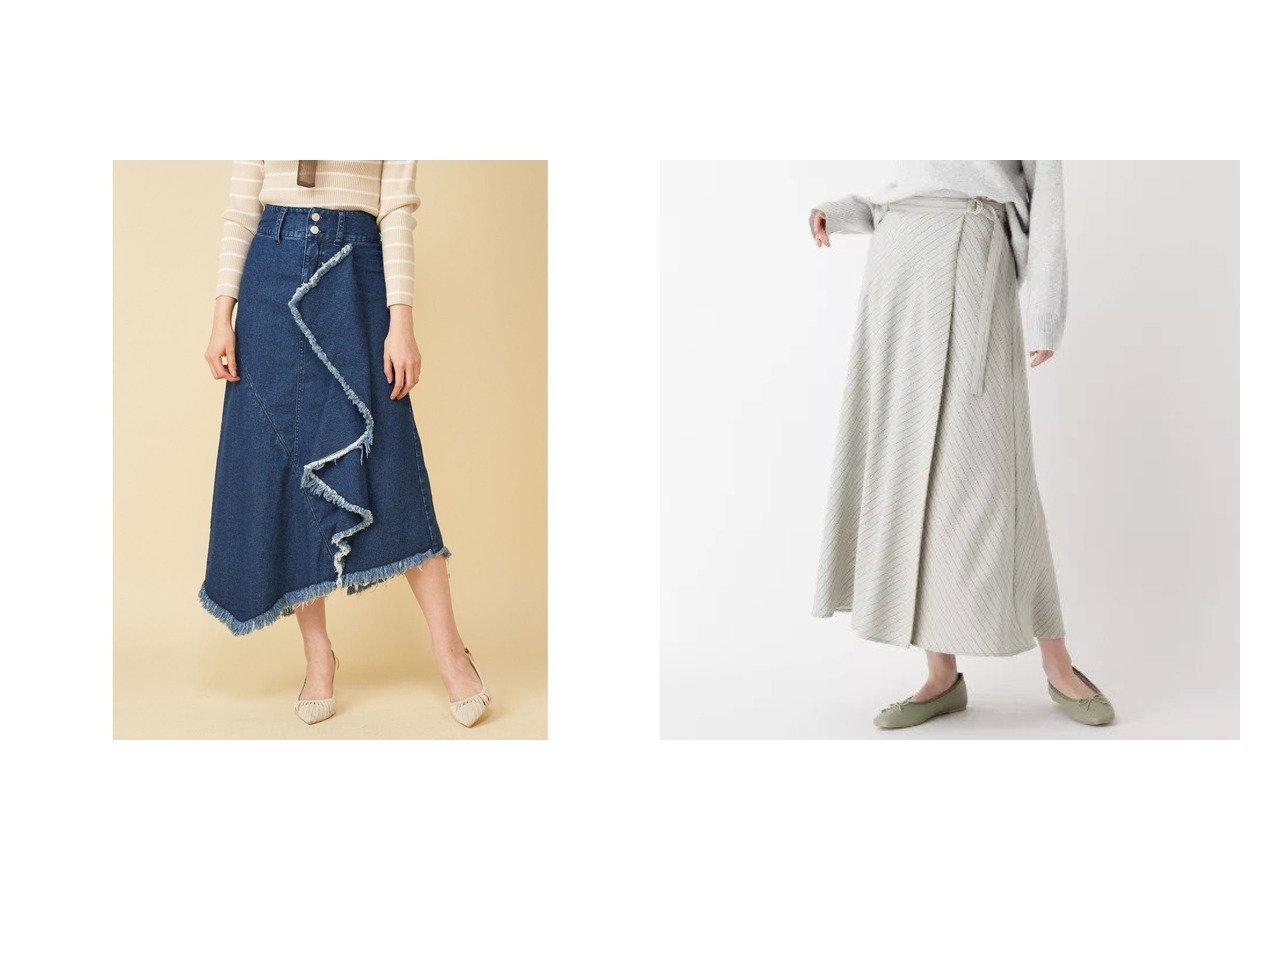 【OPAQUE.CLIP/オペークドットクリップ】の【WEB限定サイズあり】ストレッチヴィンテージクロス ストライプフレアラップスカート&【ROYAL PARTY/ロイヤルパーティー】のラッフルアシメデニムスカート スカートのおすすめ!人気、トレンド・レディースファッションの通販  おすすめで人気の流行・トレンド、ファッションの通販商品 メンズファッション・キッズファッション・インテリア・家具・レディースファッション・服の通販 founy(ファニー) https://founy.com/ ファッション Fashion レディースファッション WOMEN スカート Skirt デニムスカート Denim Skirts 2021年 2021 2021 春夏 S/S SS Spring/Summer 2021 S/S 春夏 SS Spring/Summer スリット フェミニン 春 Spring ヴィンテージ 洗える ストライプ ストレッチ フレア プリント マキシ ラップ ロング |ID:crp329100000019241